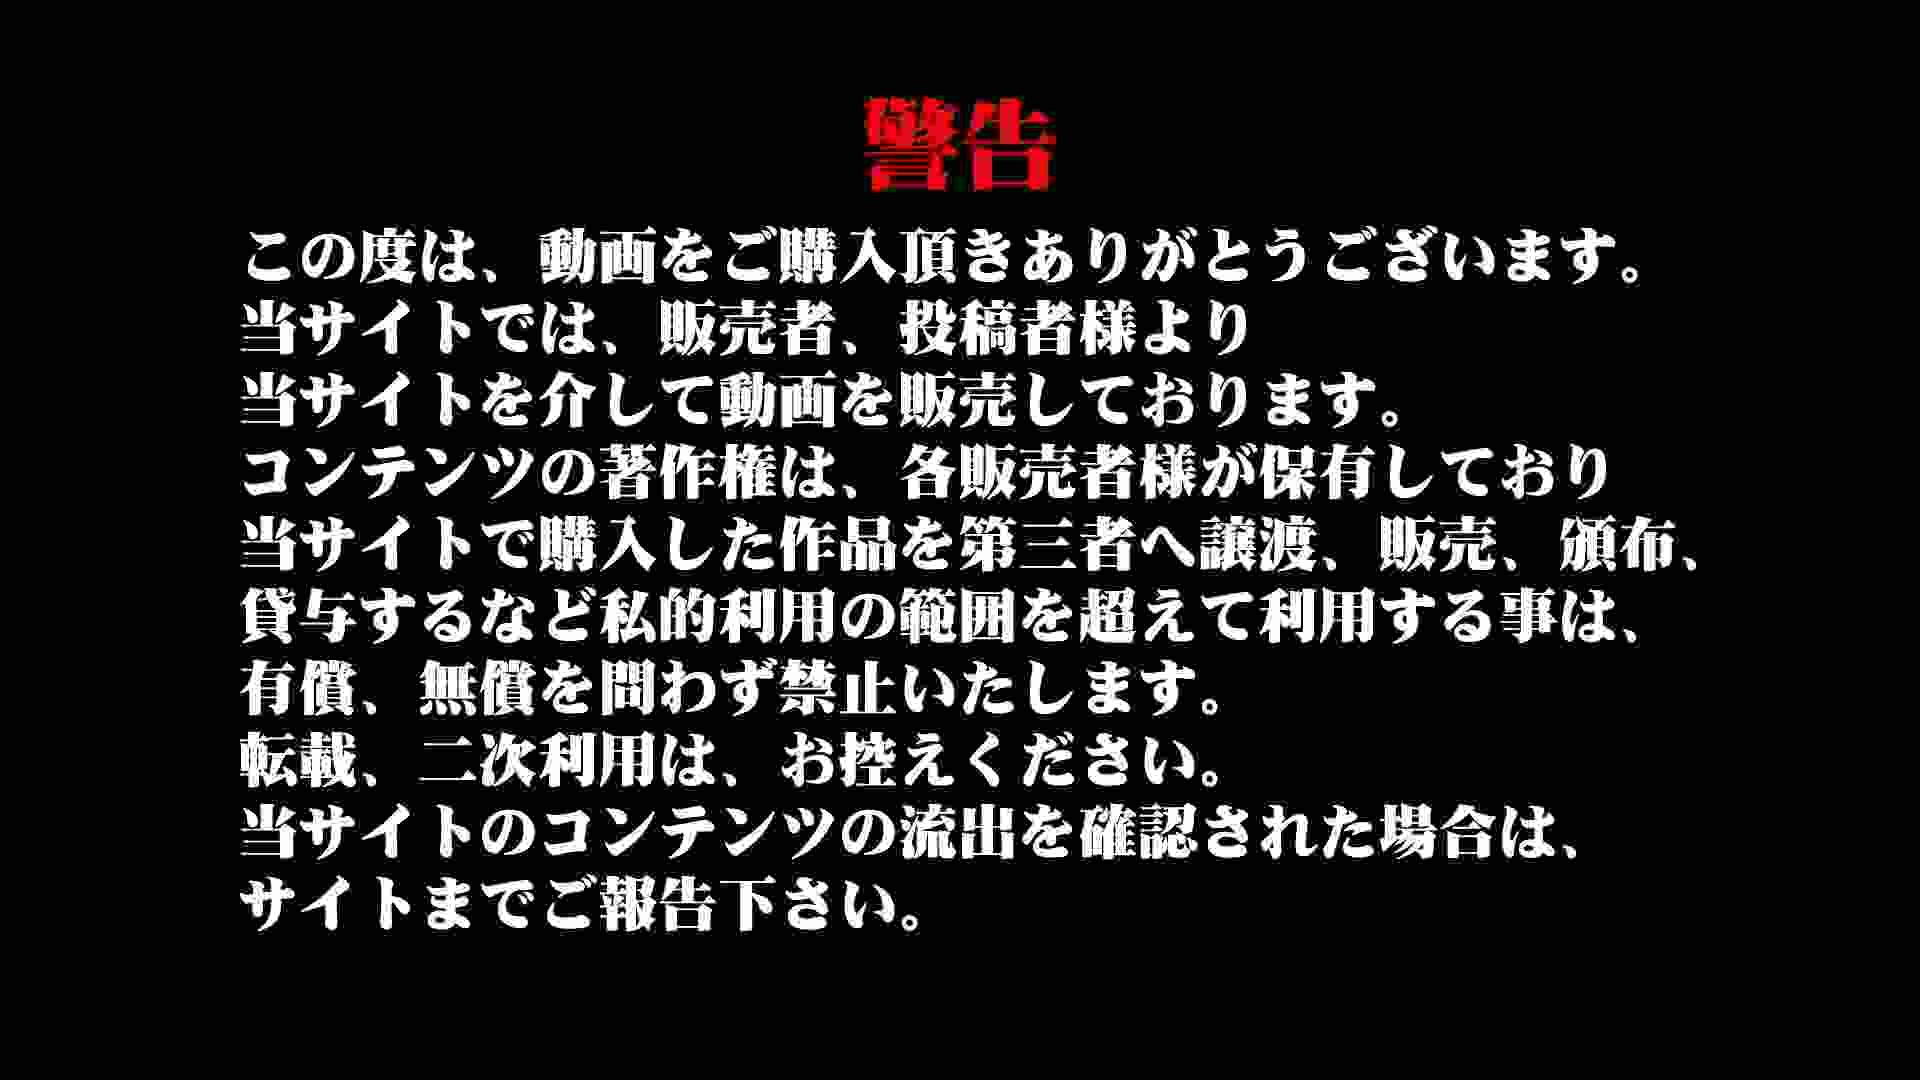 Aquaな露天風呂Vol.962 美しいOLの裸体 オマンコ無修正動画無料 74pic 2